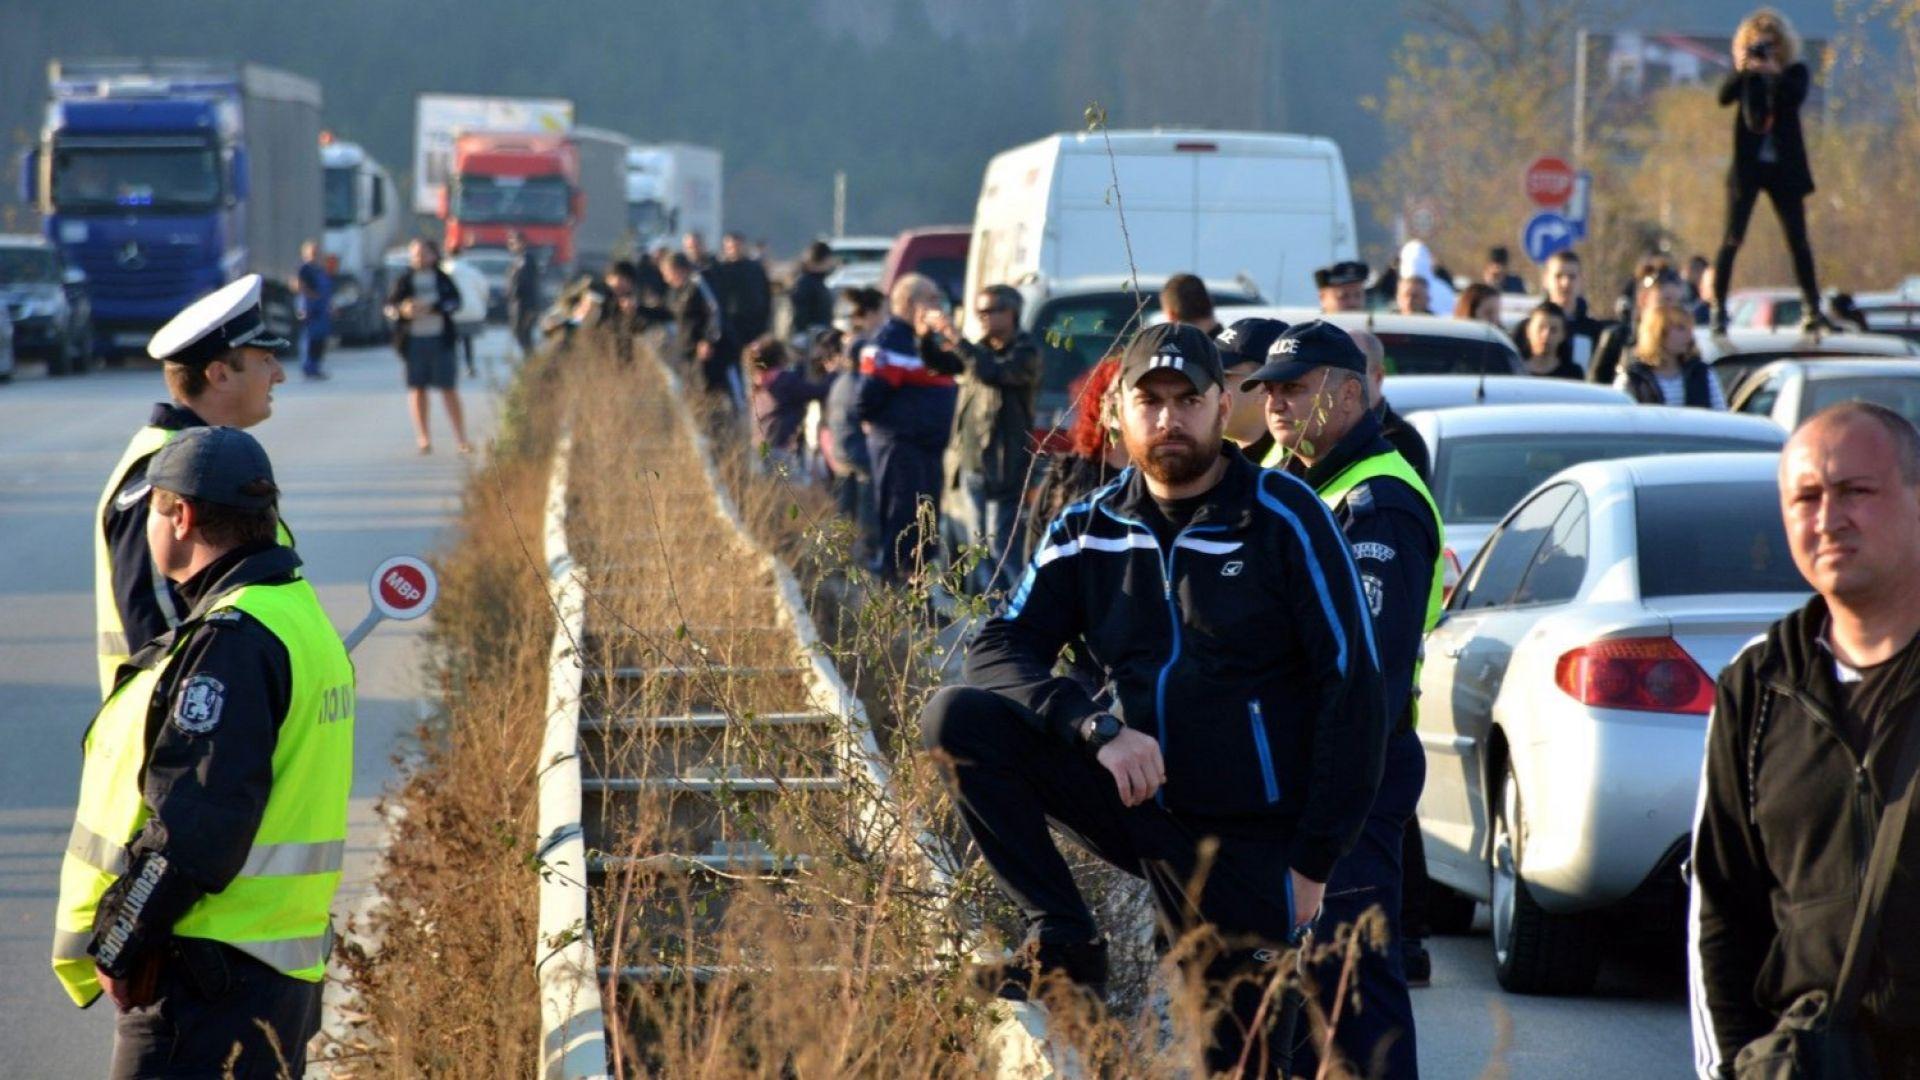 Полицията: Не сме използвали сила на протестите, не допуснахме нарушение на реда